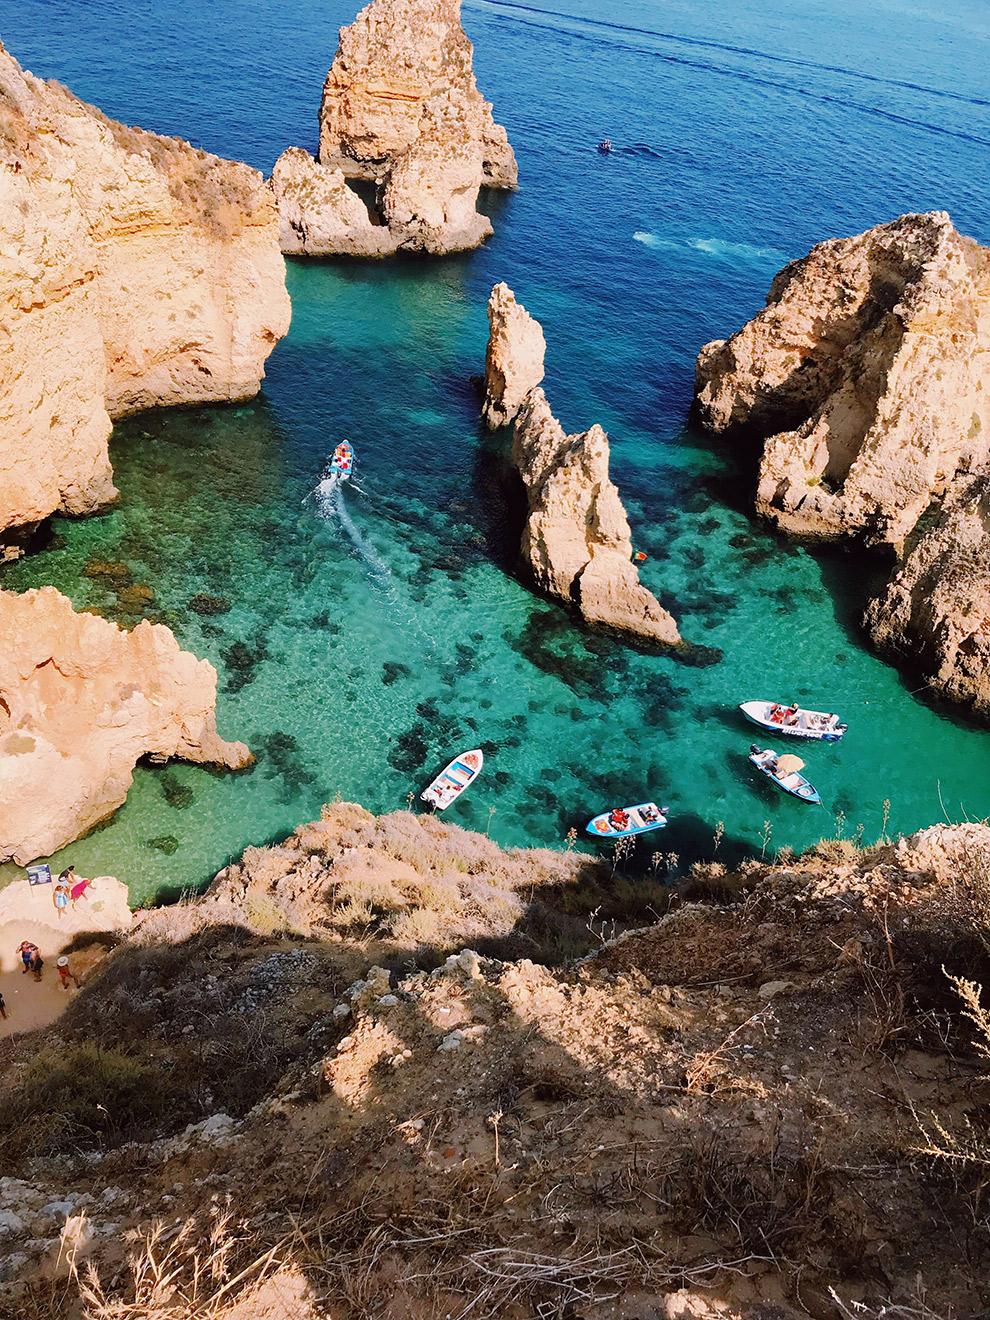 Helderblauw water tussen zandkleurige rotsformaties in de Algarve